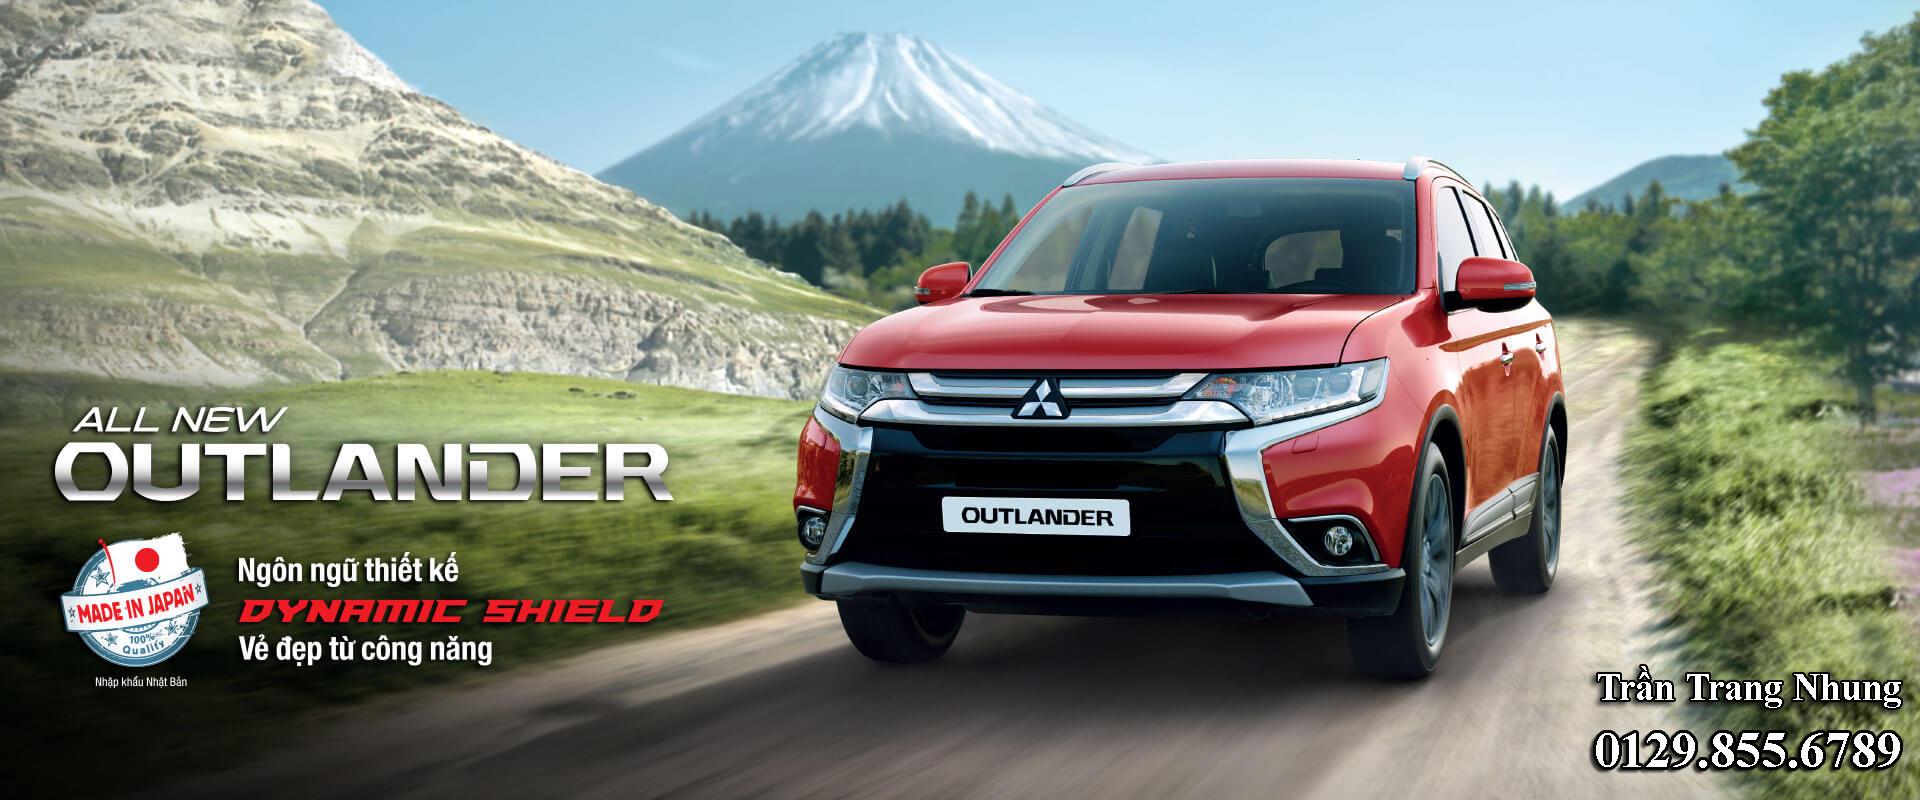 Mitsubishi Outlander 1 cầu 2.0 CVT nhập khẩu từ Nhật